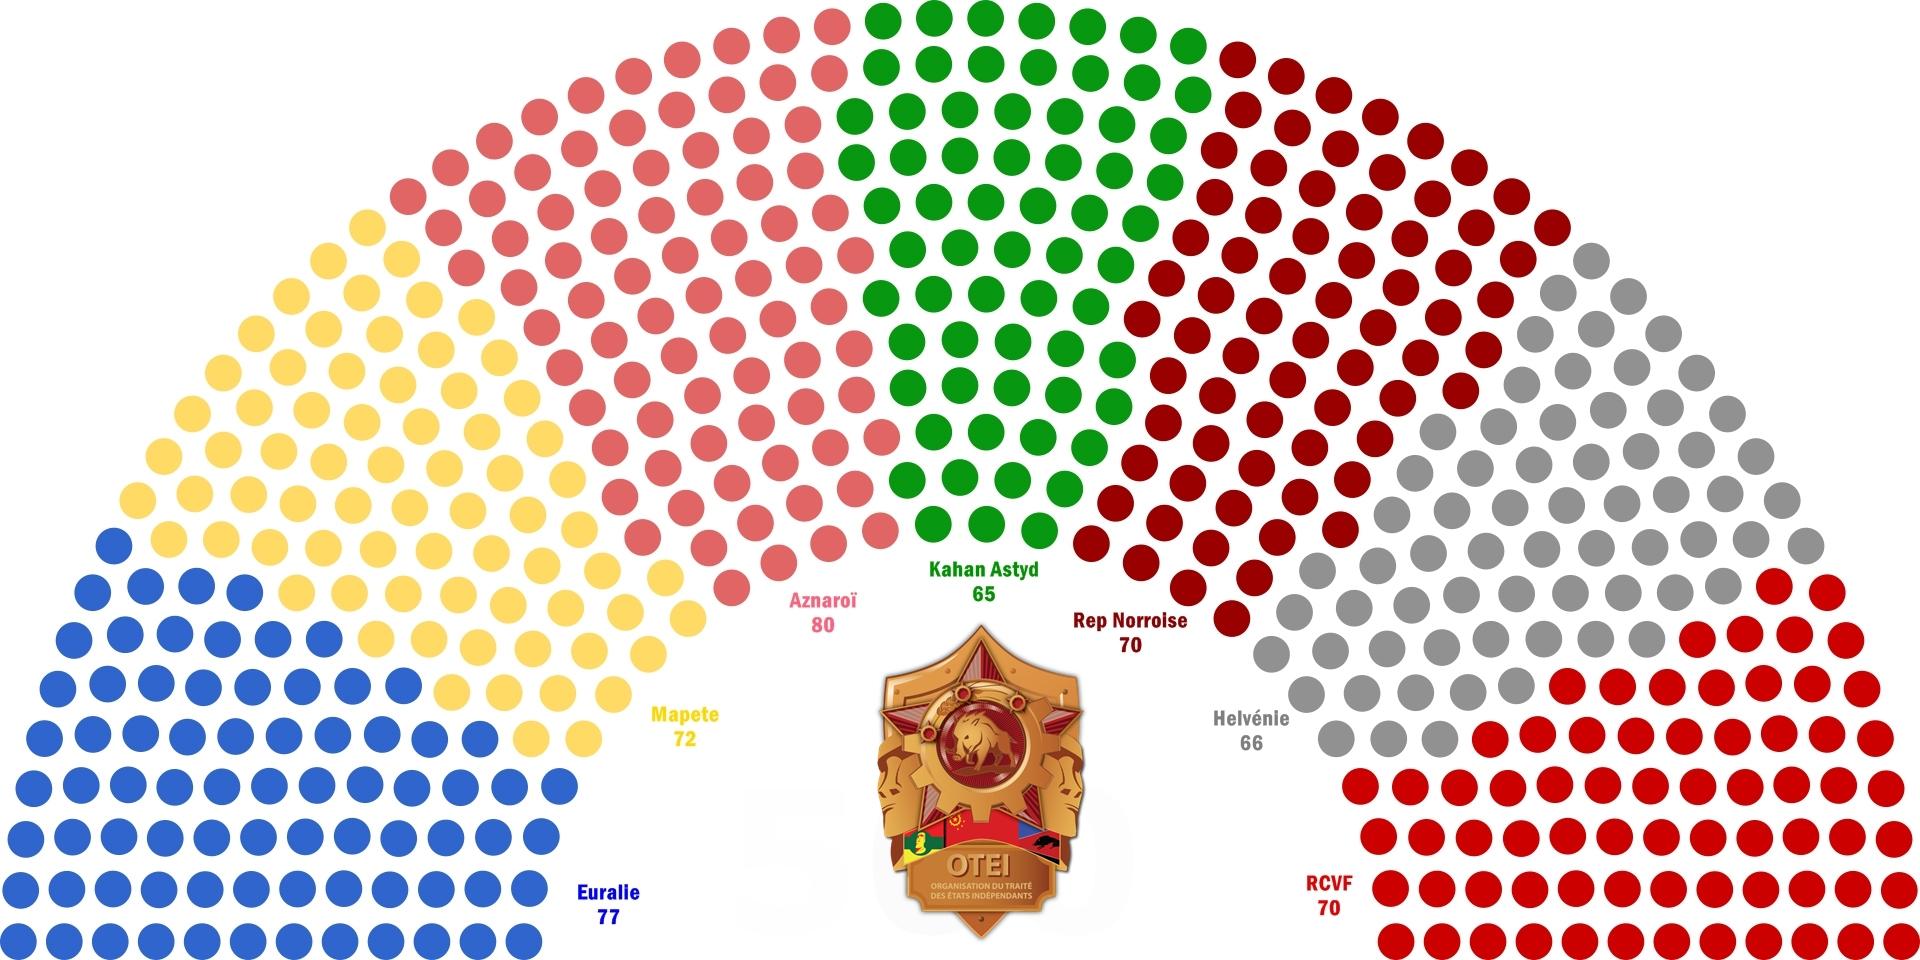 [OTEI] Organisation du Traité des Etats Indépendants 180517052436793566